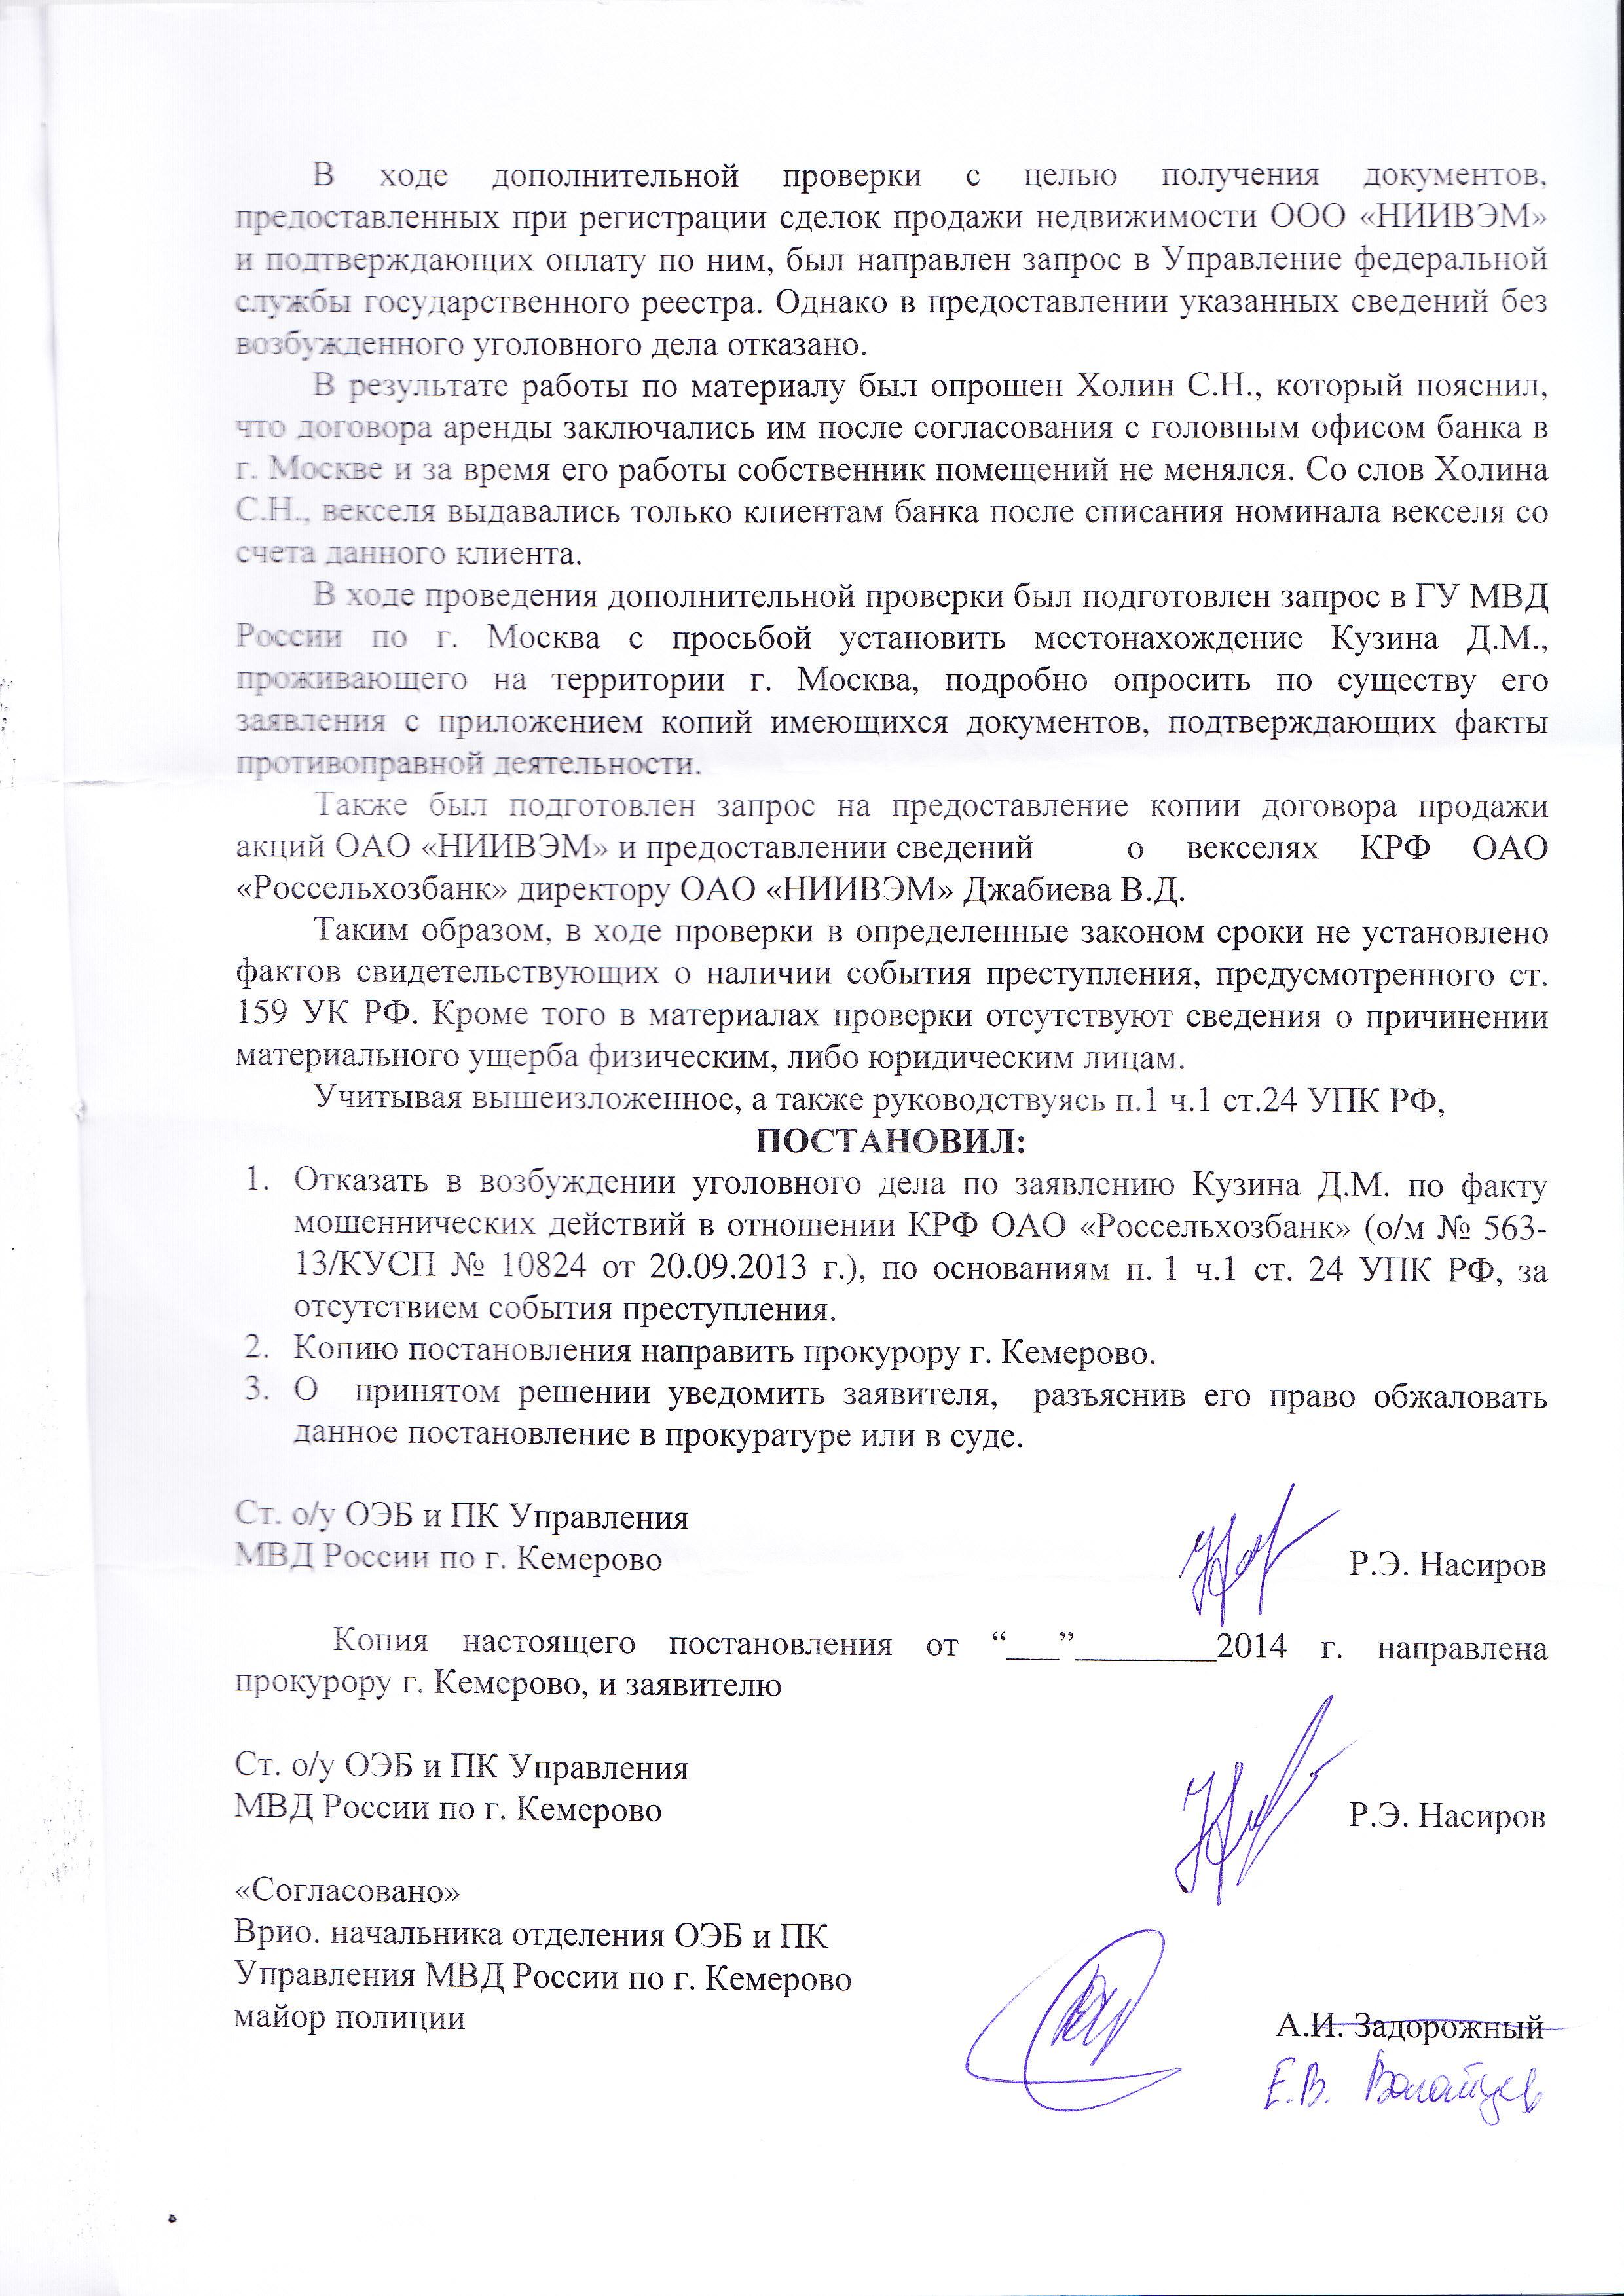 Постановление от 27 02 2015 - 2 л